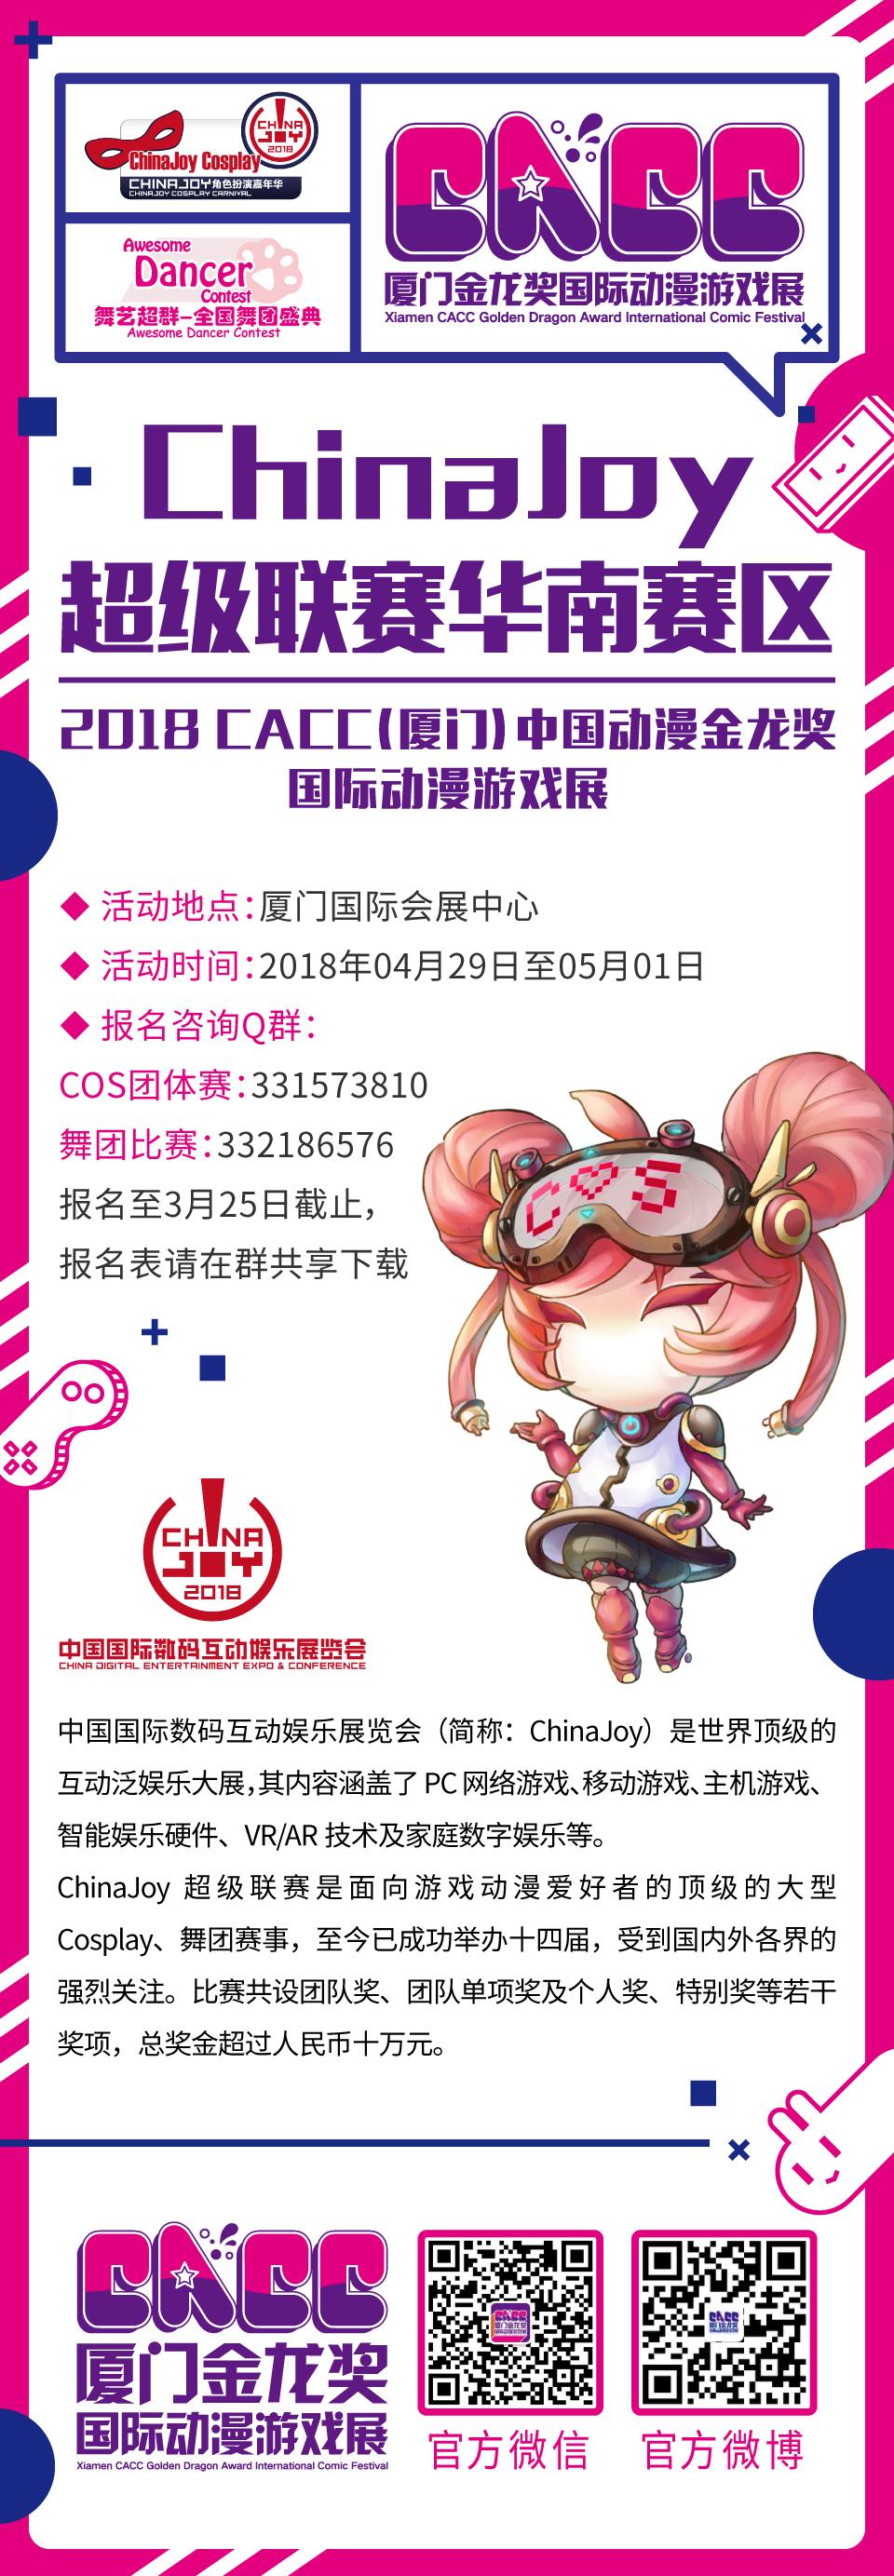 2018ChinaJoy超级联赛华南赛区选手持续招募中